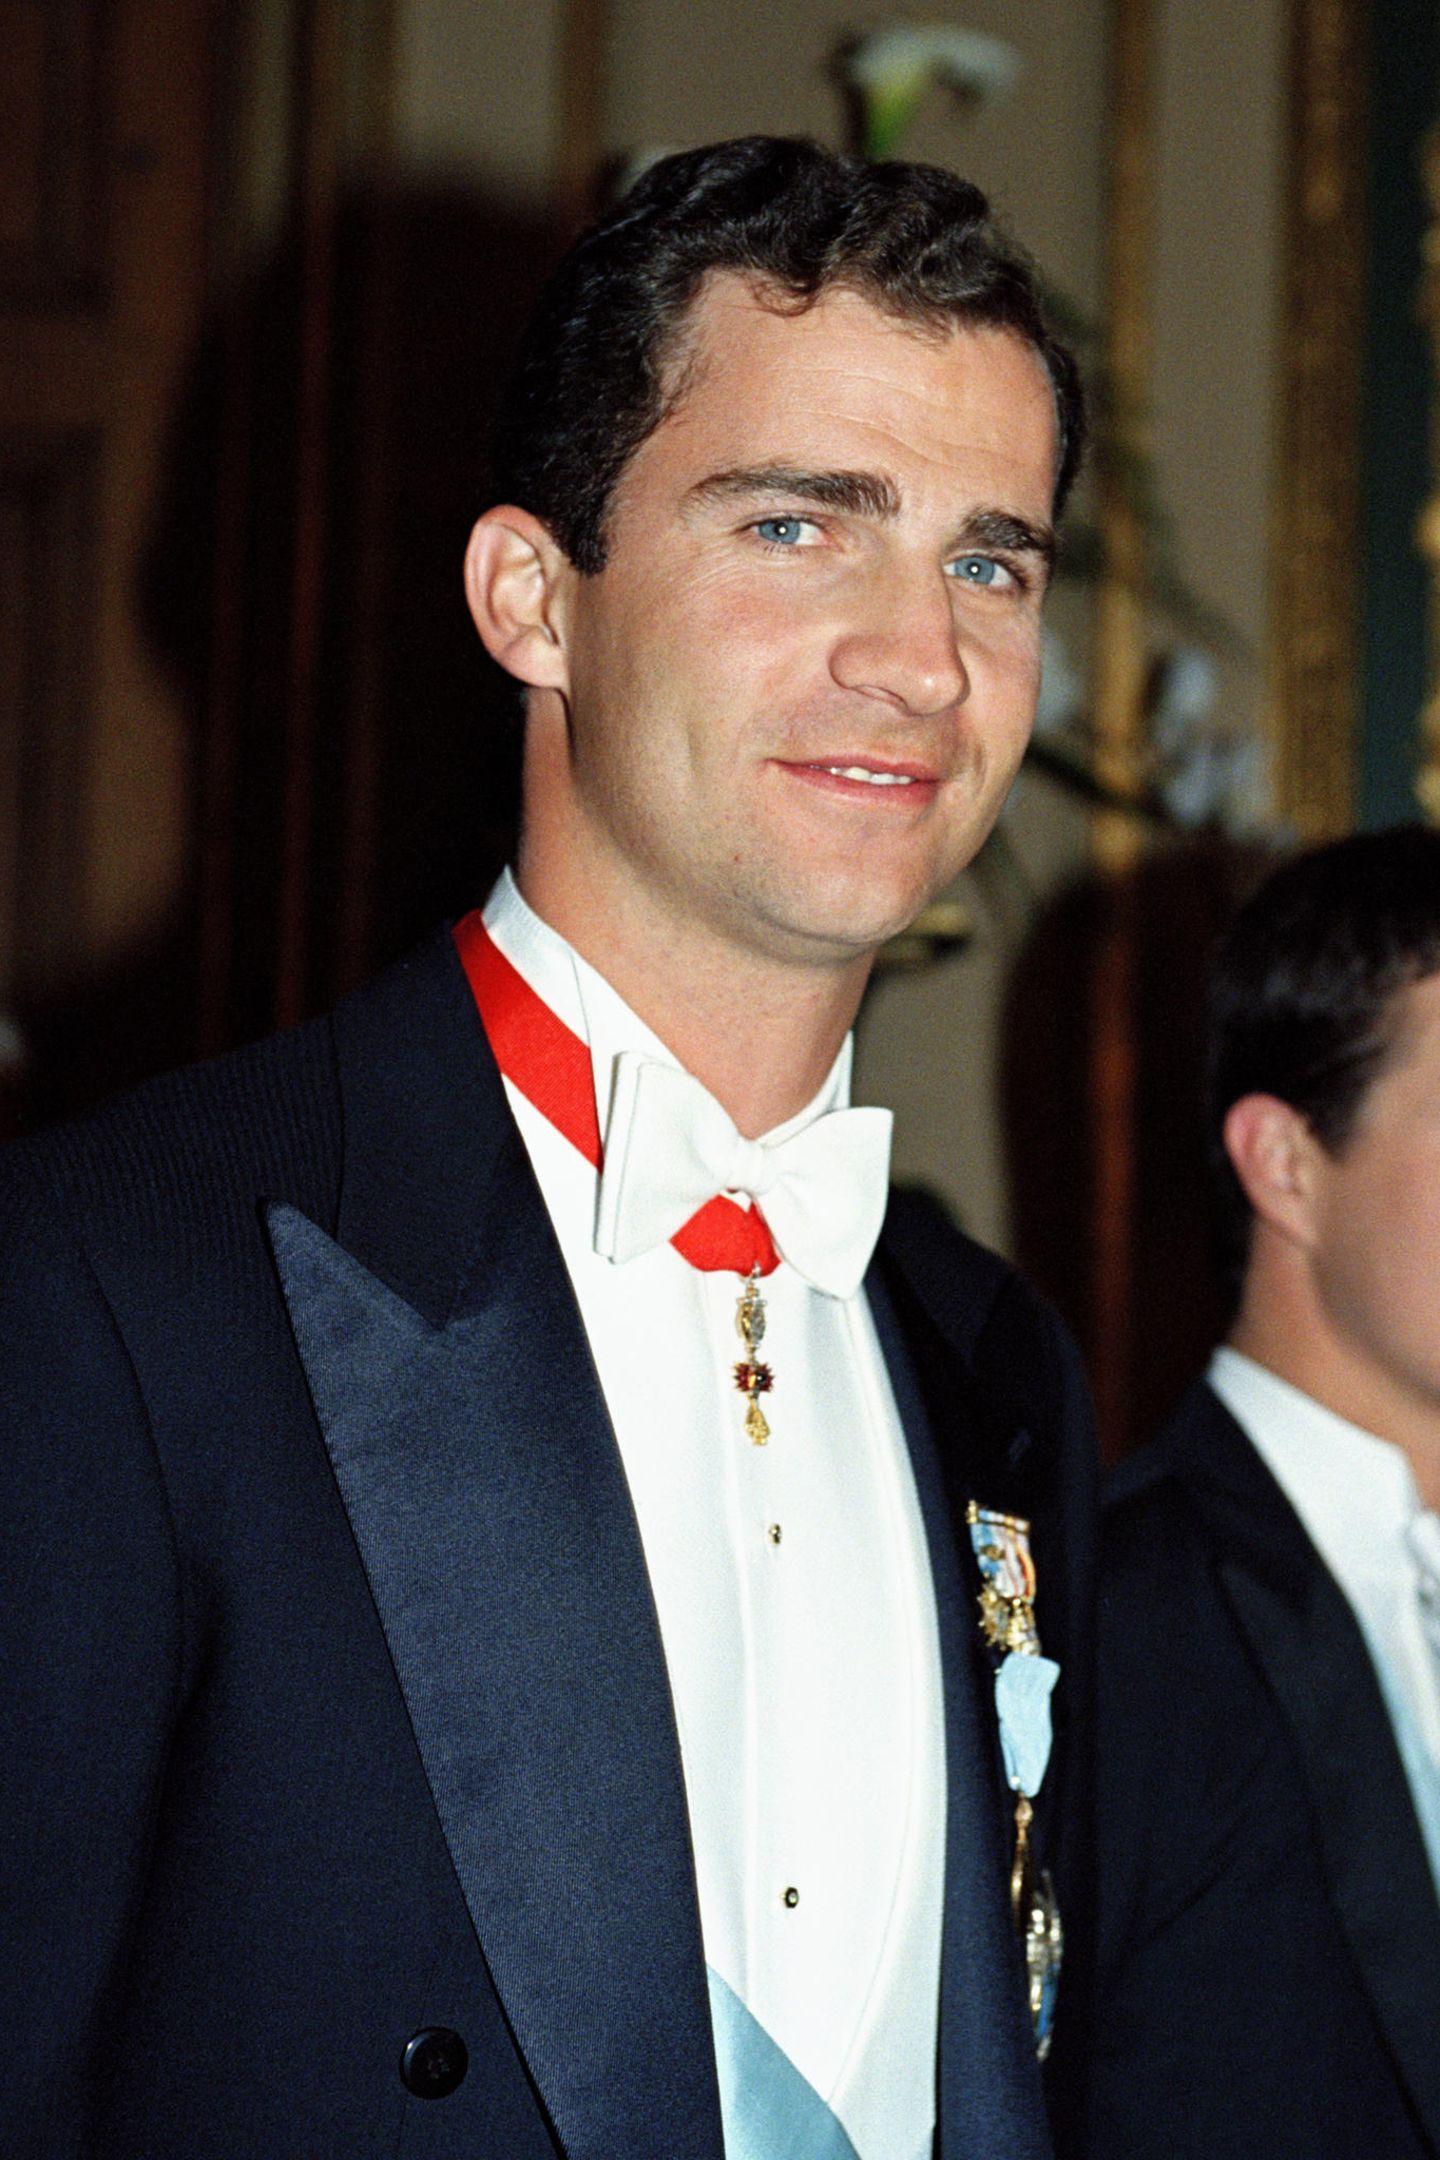 Attraktiv war der Spanier auch schon mit Ende 20. Auf den Bart verzichtete der junge Kronprinz damals.